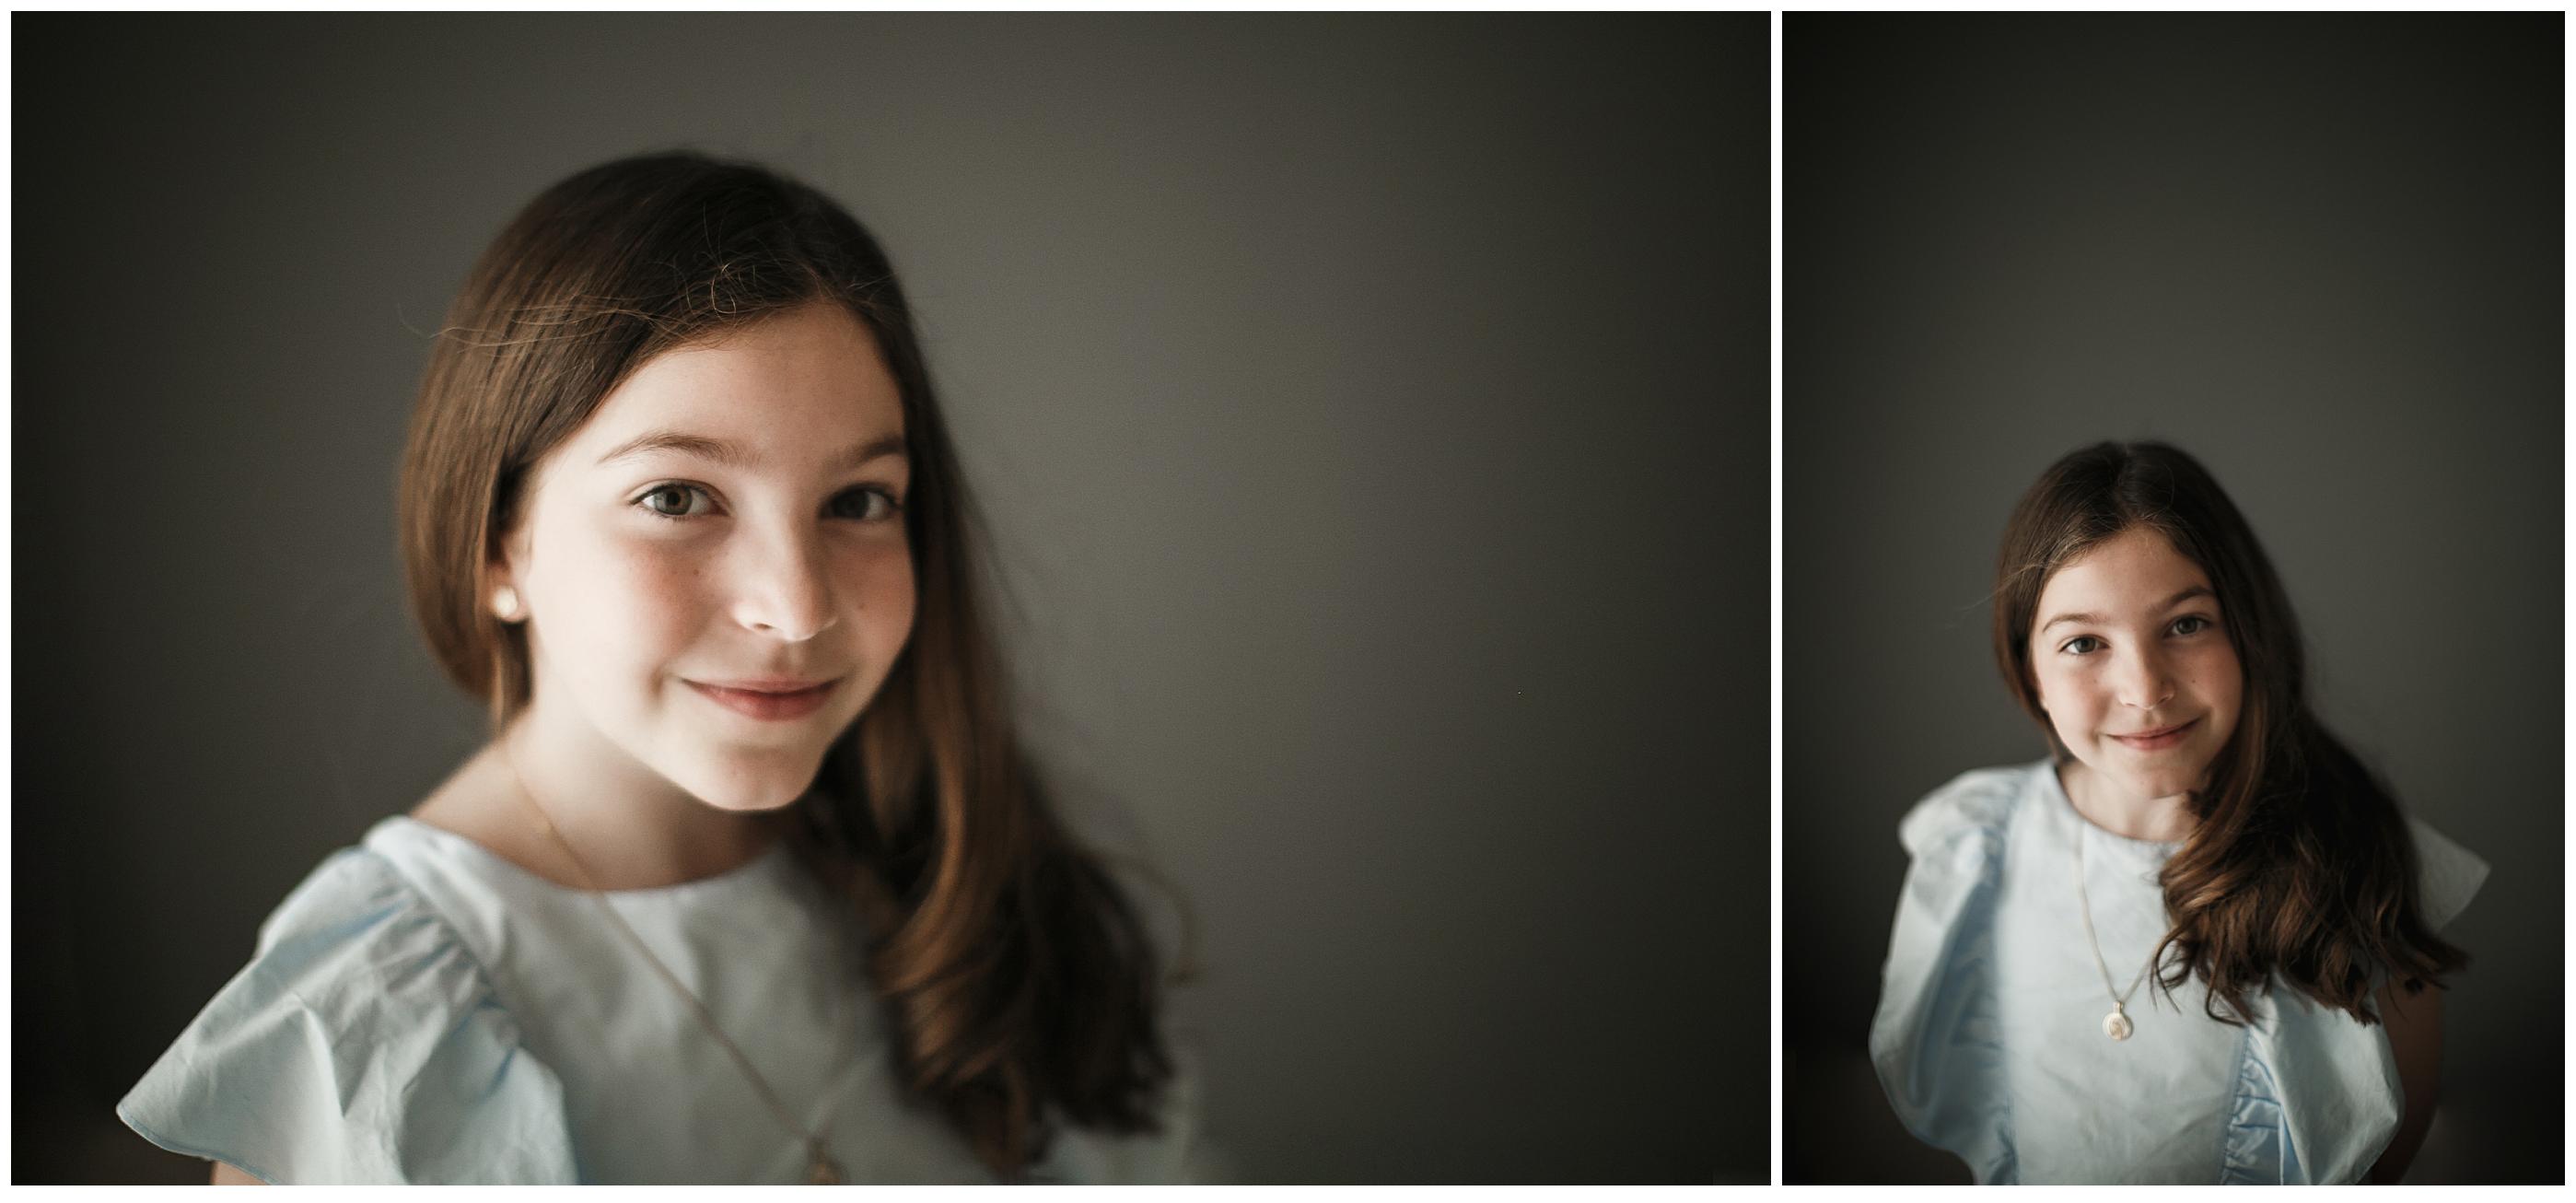 sesion estudio foto valencia niñas